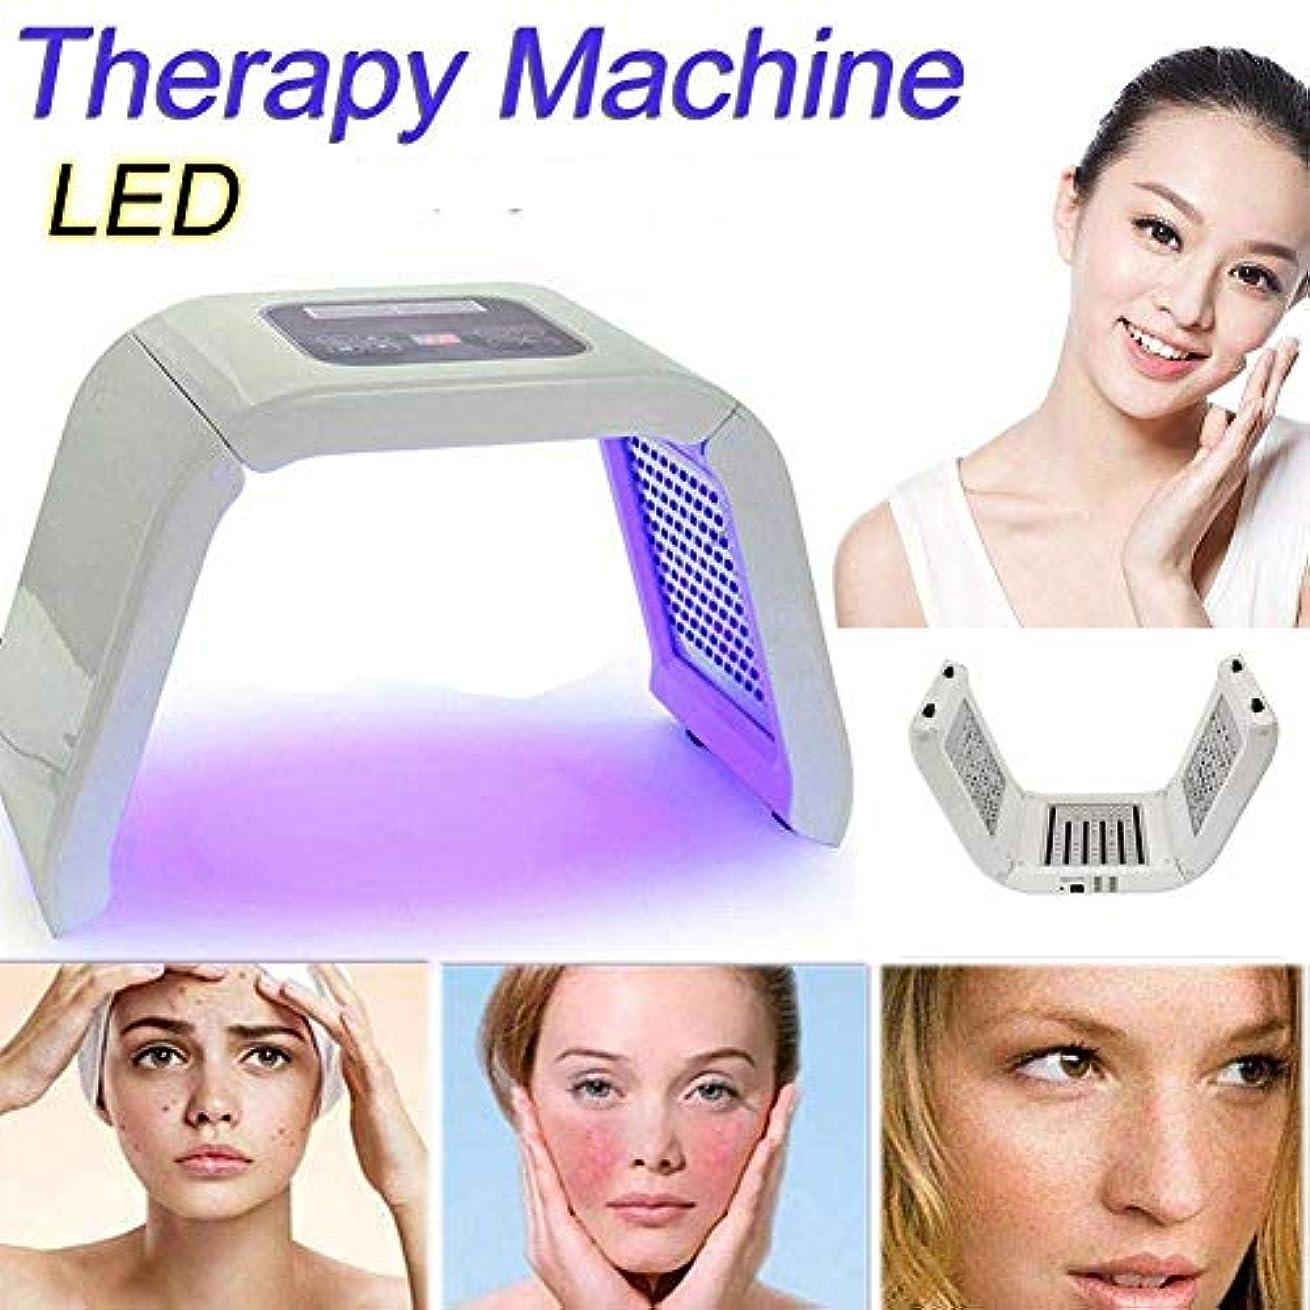 レモン周り麦芽美容肌の若返り機器、ホームサロンSPAマスクのための7色の光美容機、リムーバーアンチリンクル、フェイスネックボディのためのアンチエイジングスキンケアツール、